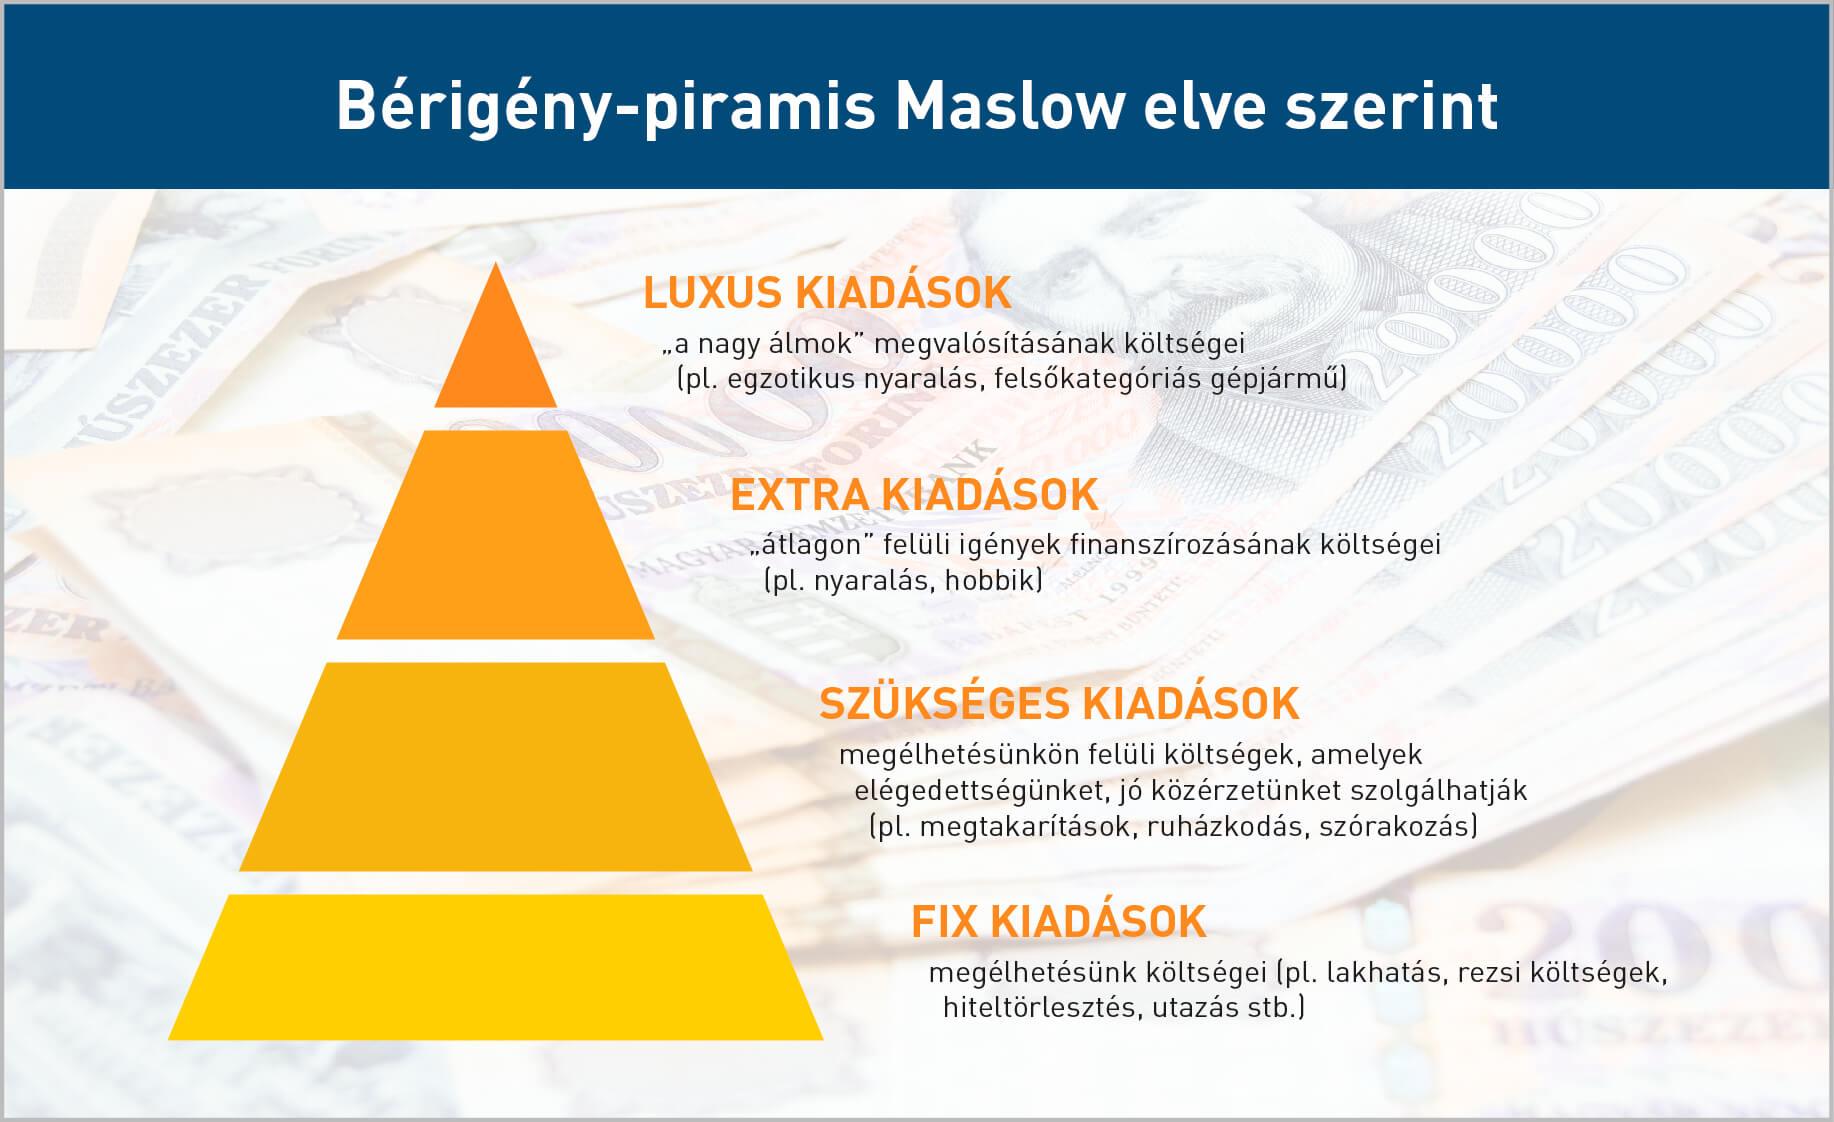 bértárgyalás maslow piramis